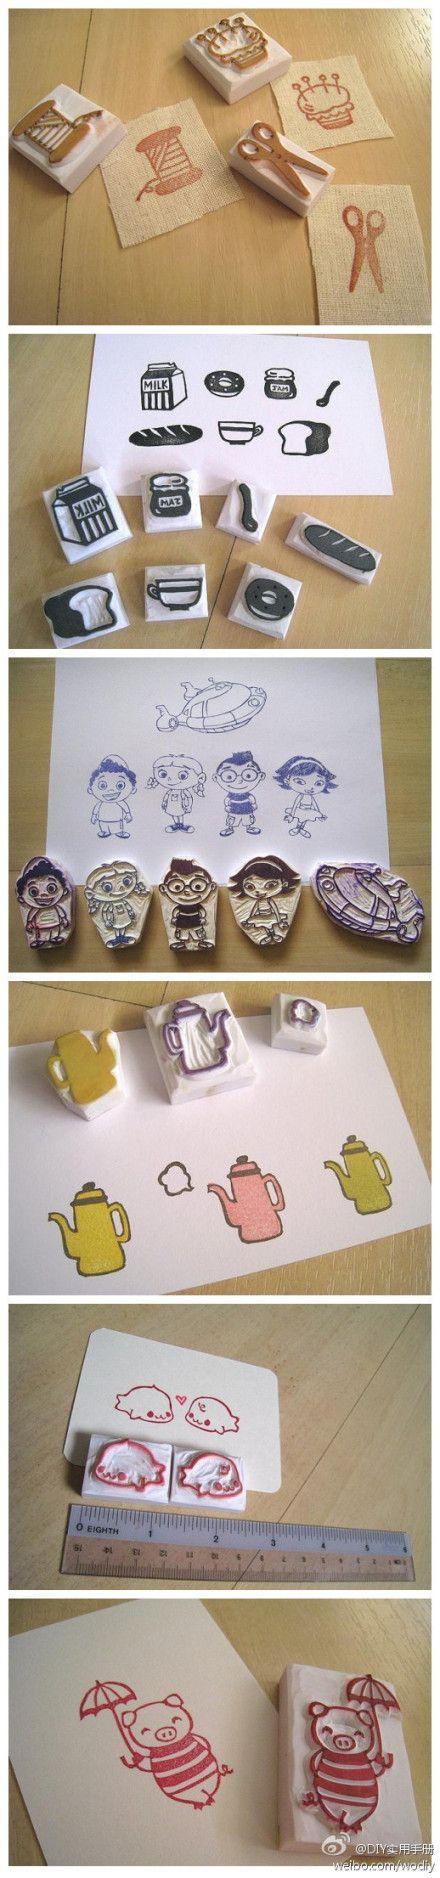 这些都不错啊!! stamp carving patterns simple printmaking for